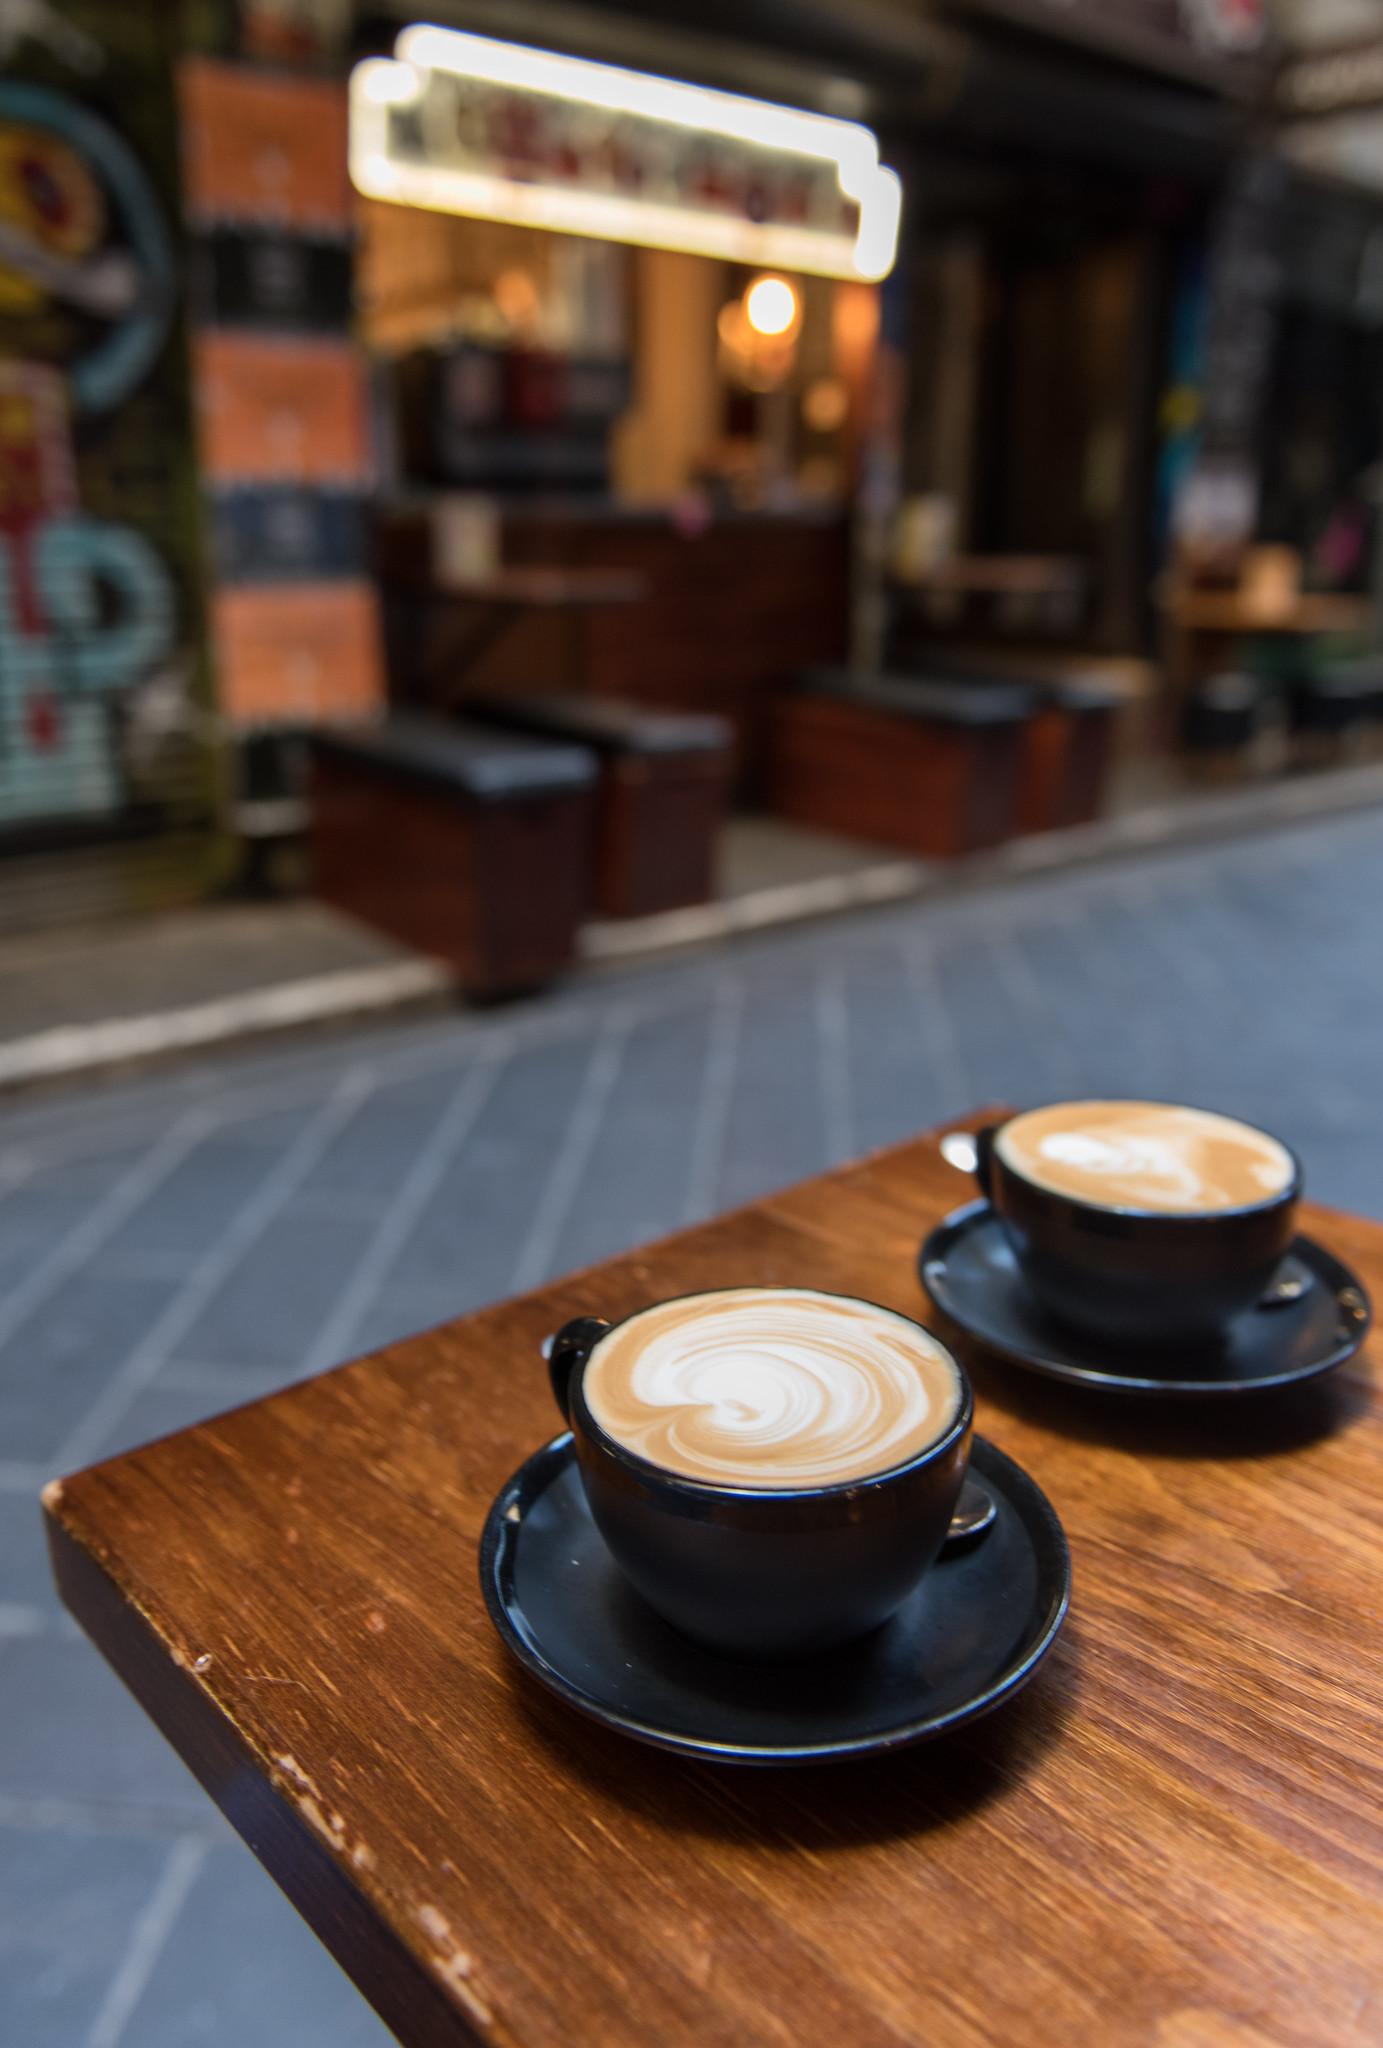 Laneway Coffee